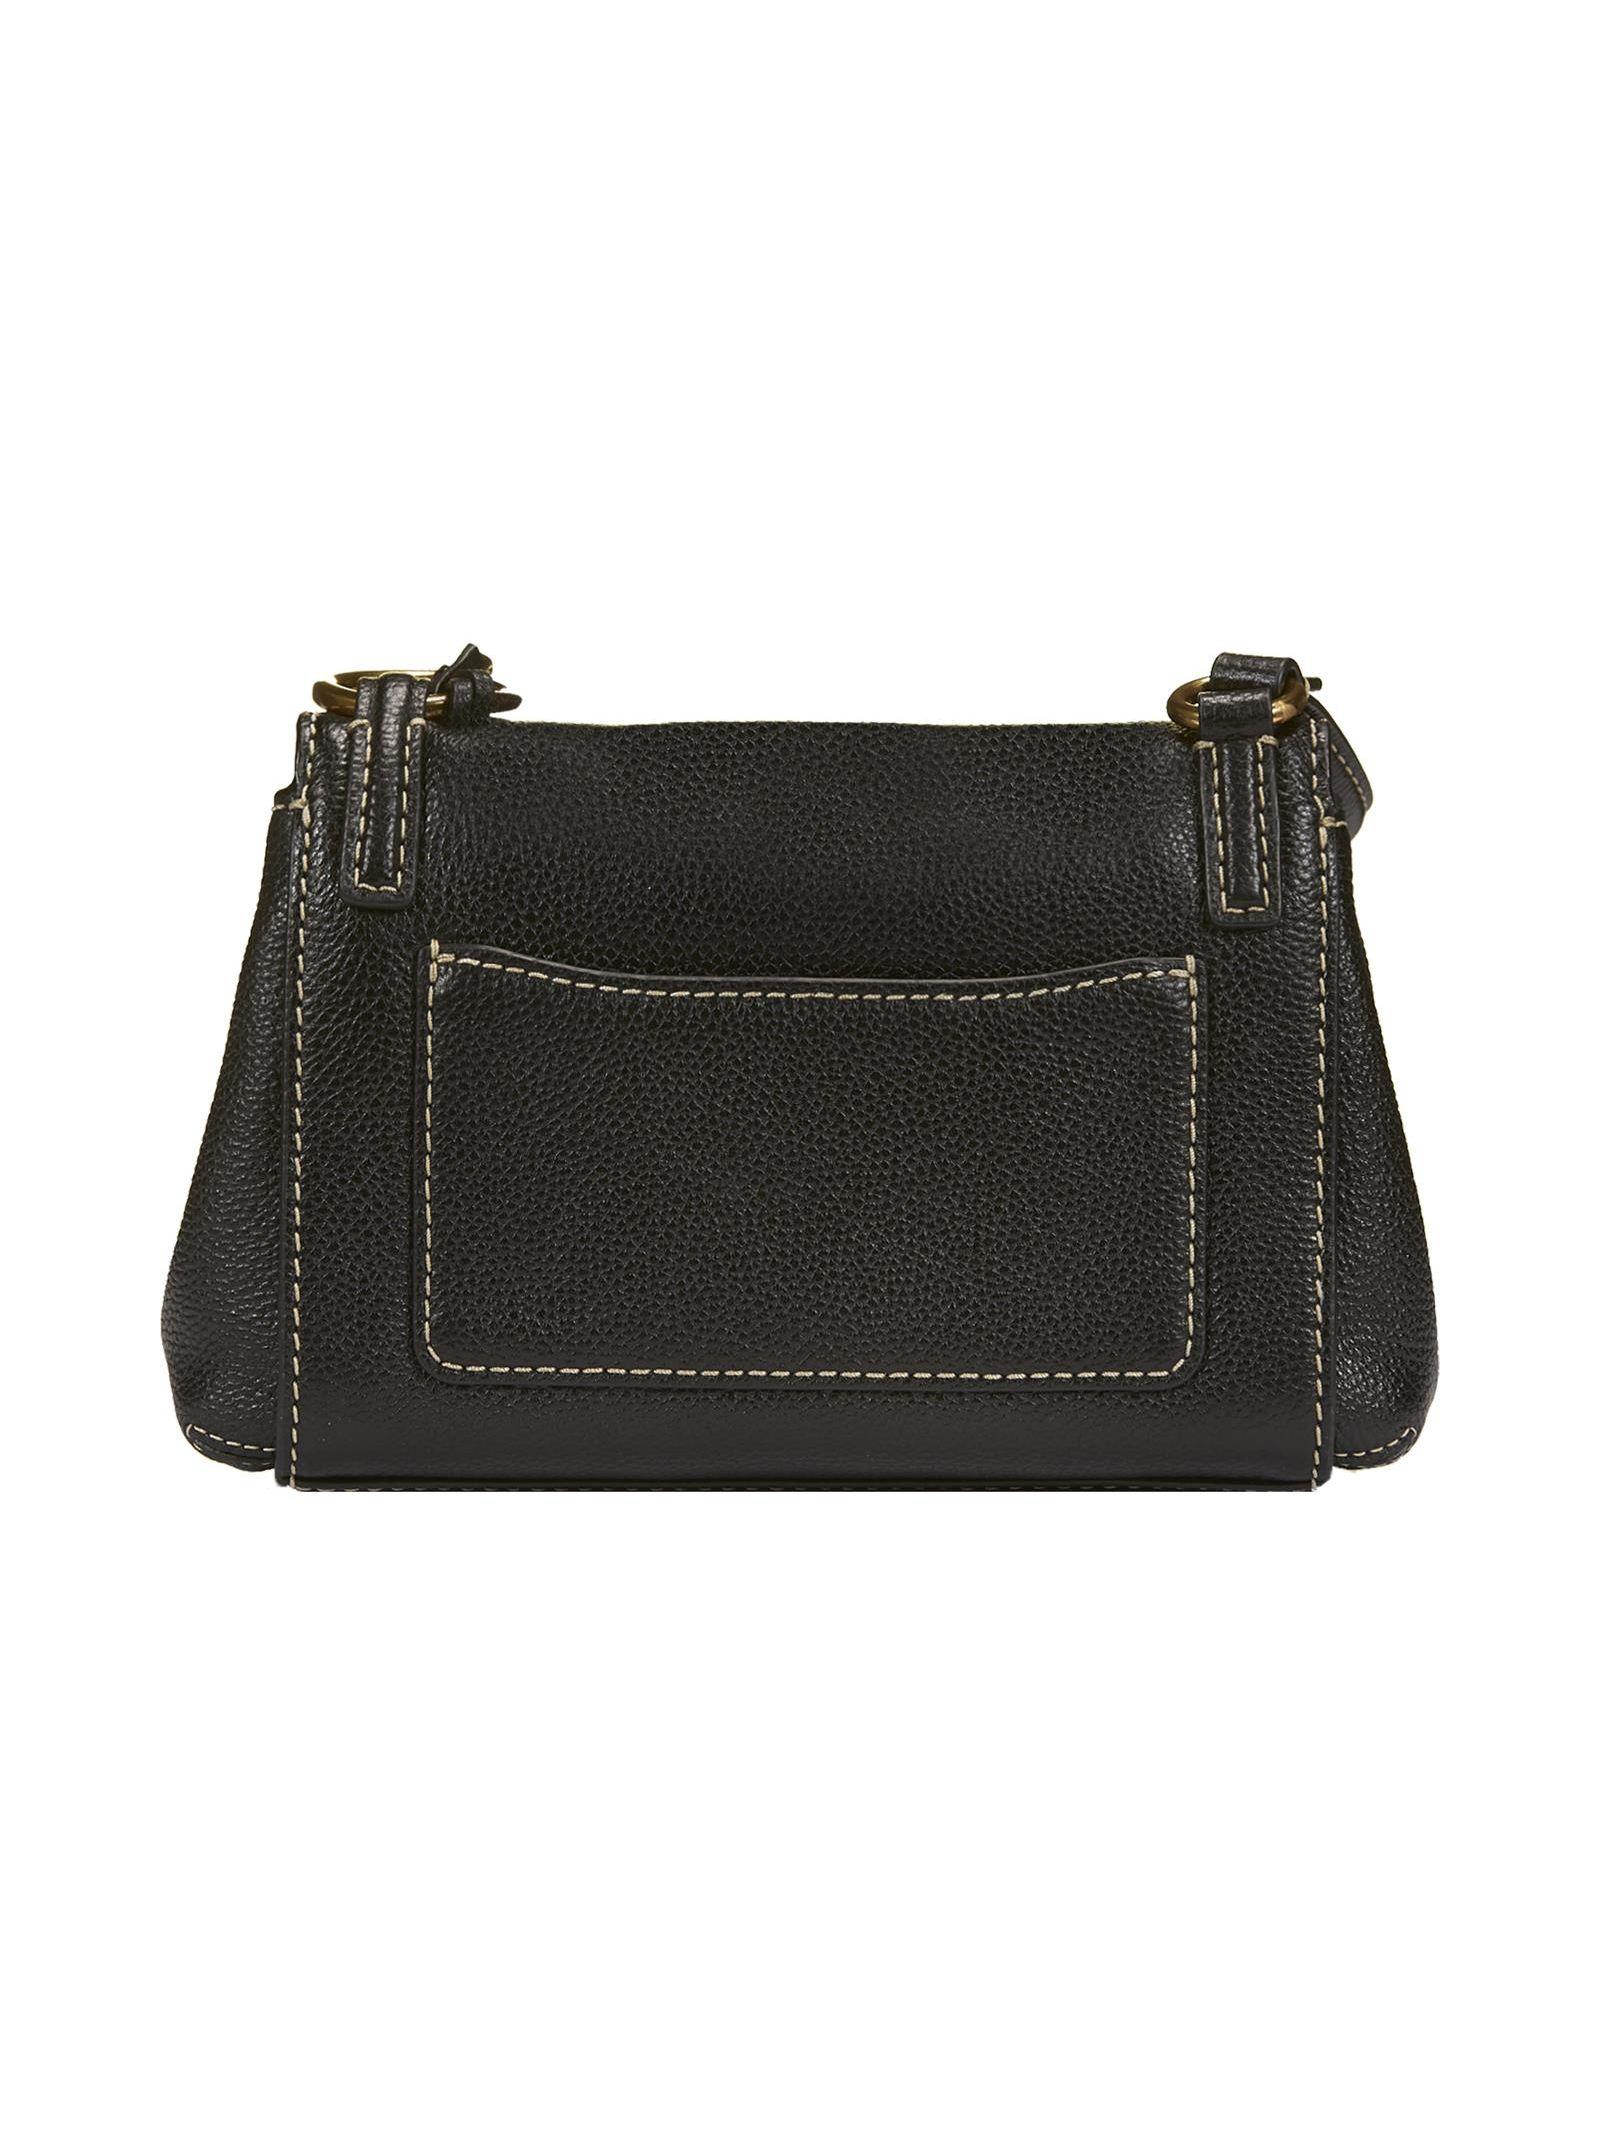 overstitched Boho Grind bag - Black Marc Jacobs nLSBWRdY9M